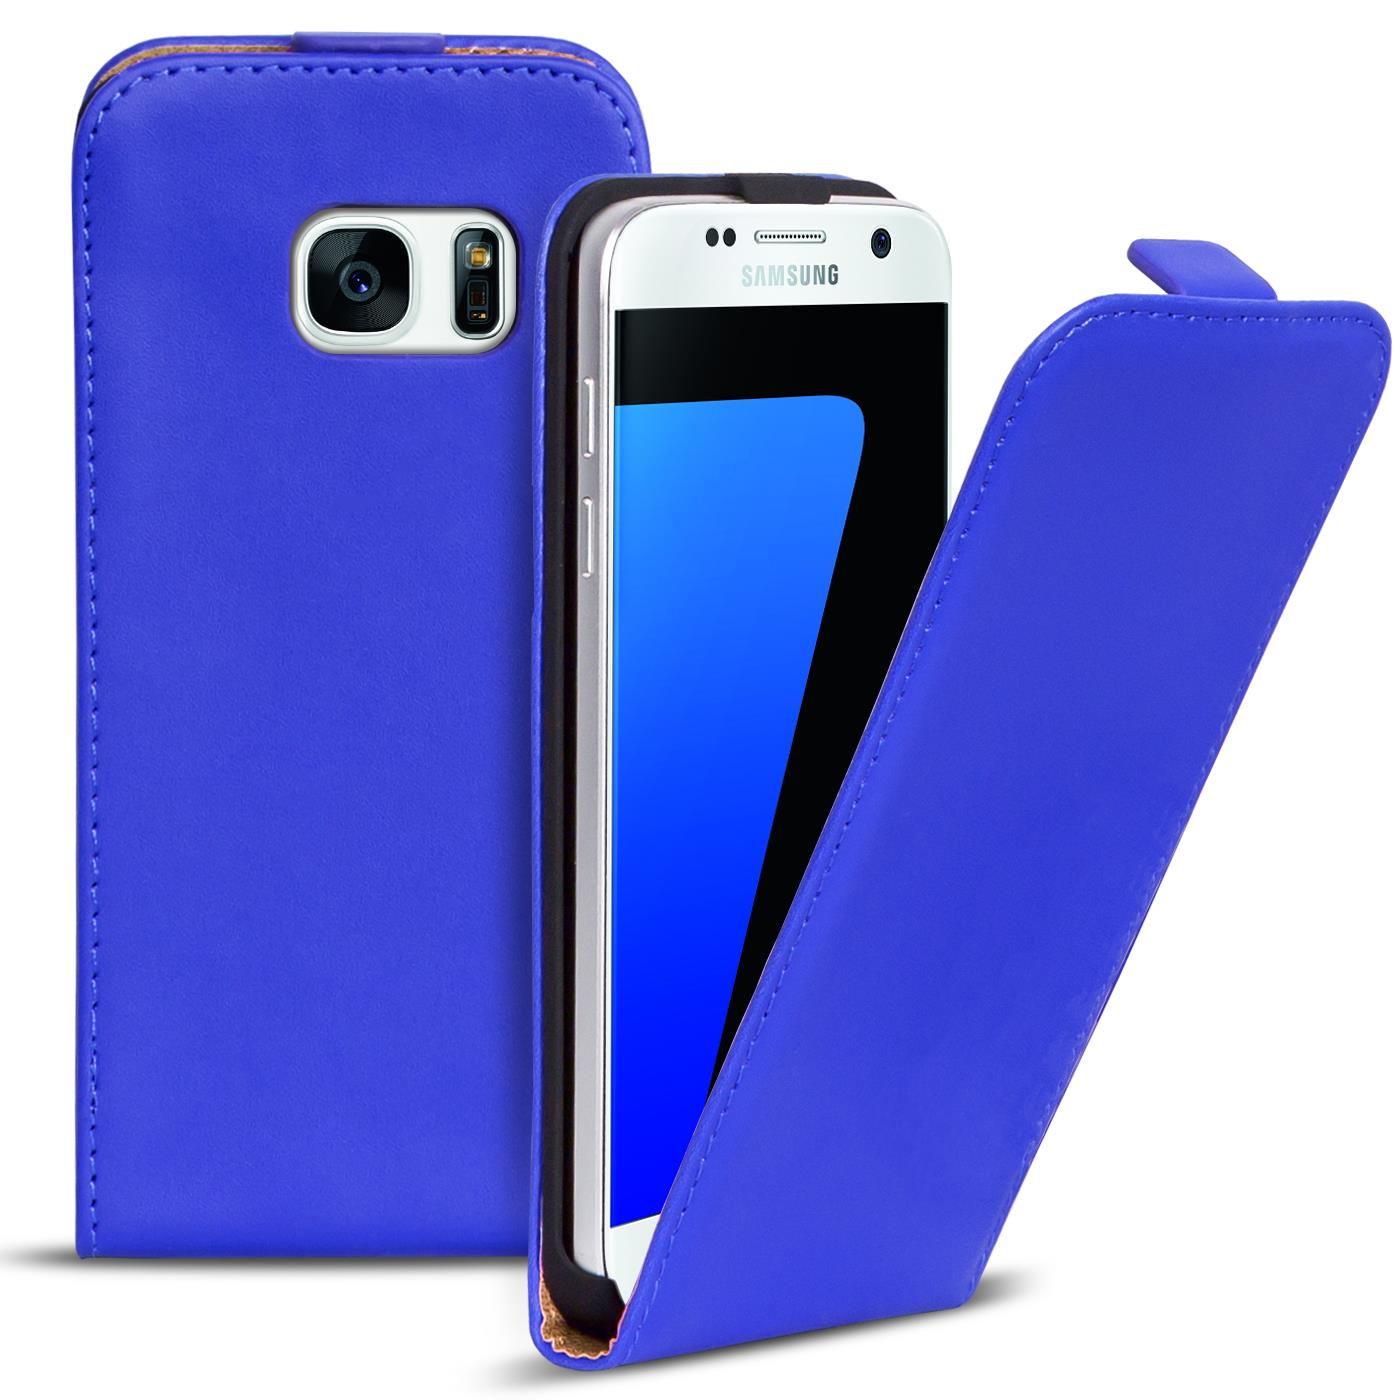 Flip-Case-fuer-Samsung-Galaxy-Huelle-Handy-Tasche-Klapphuelle-Schutzhuelle-Cover